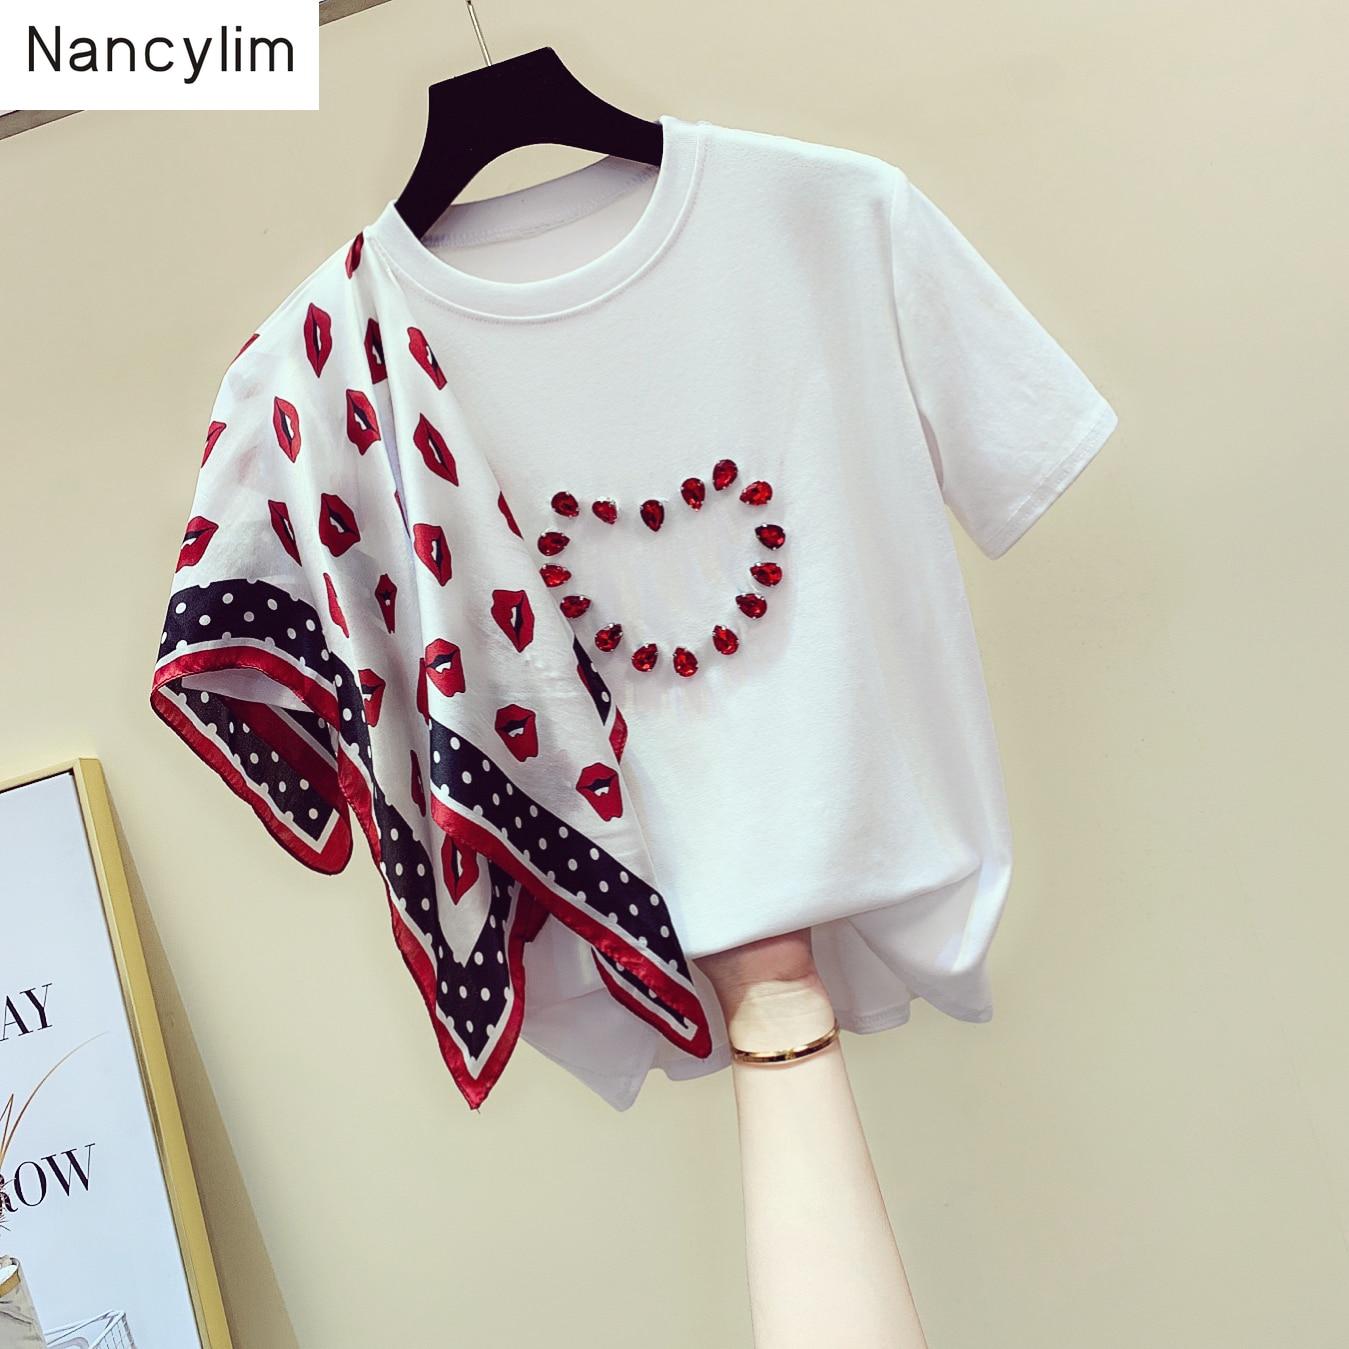 Летние женские новые свободные шарфики с оборками и бусинами, футболки с короткими рукавами для студентов, белые футболки, топы, женские футболки